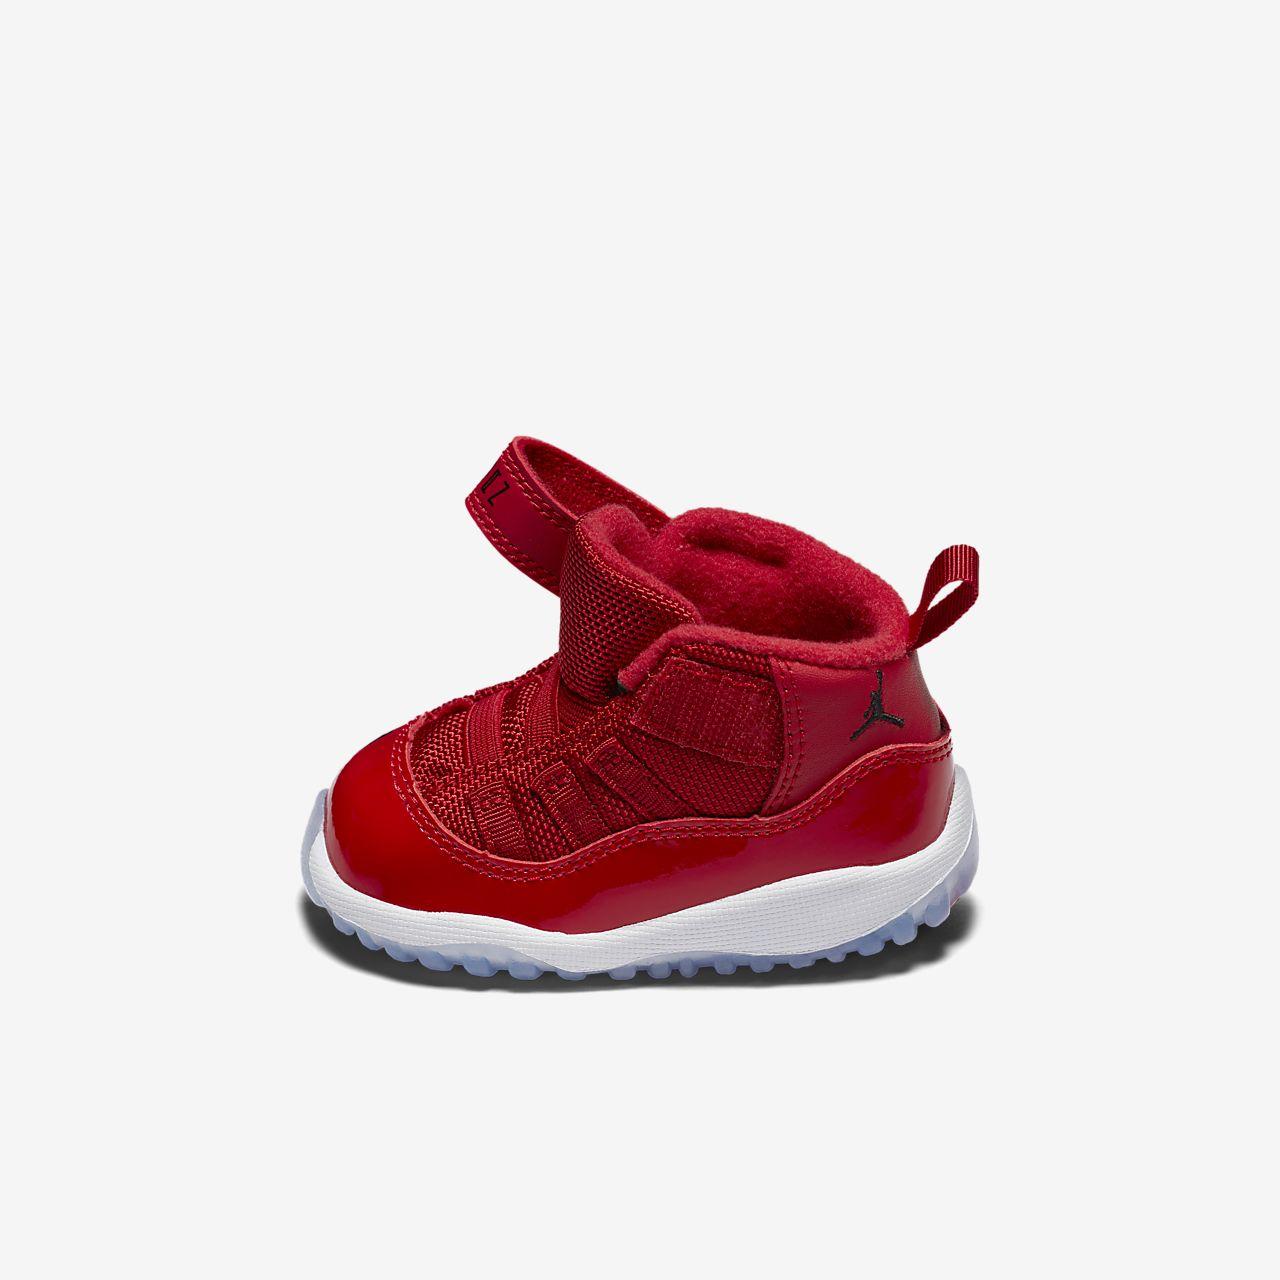 1f813adc7c3b49 Air Jordan 11 Retro 3 4 Baby  amp  Toddler Shoe. Nike.com IN